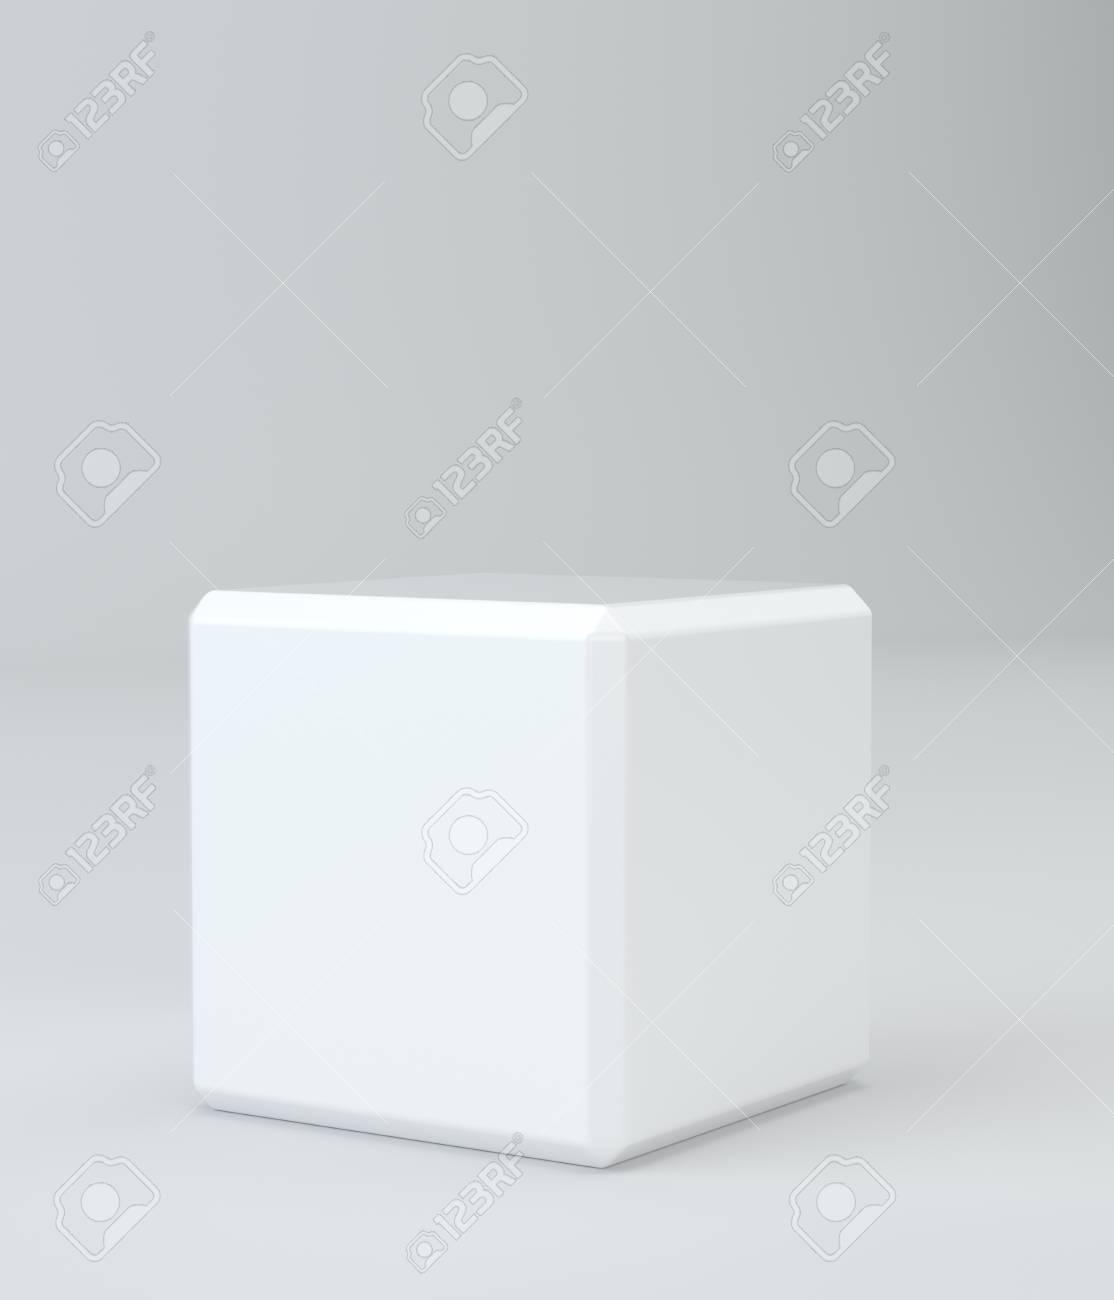 Cubo Blanco En El Fondo Del Estudio De Pared Representación 3d